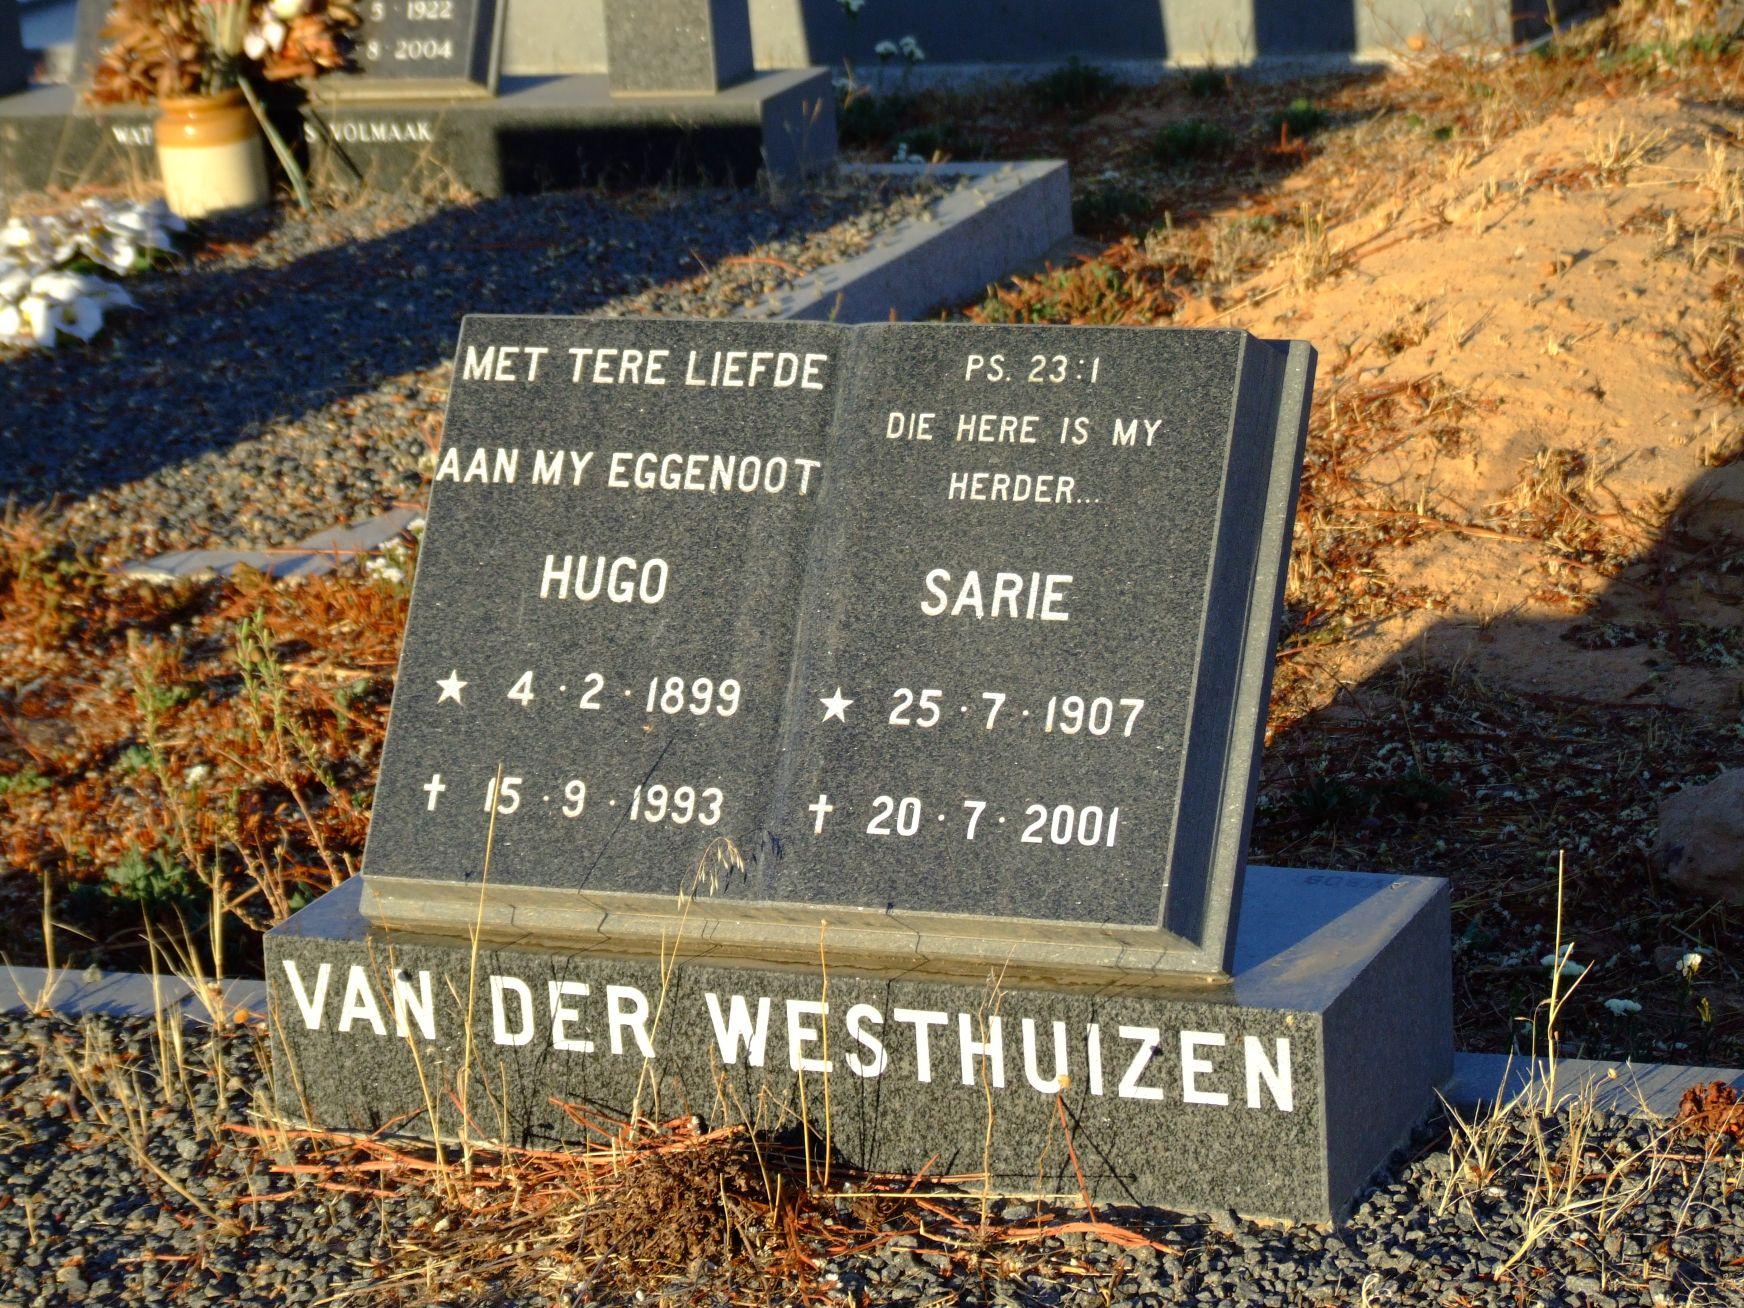 van der Westhuizen, Hugo and van der Westhuizen, Sarie